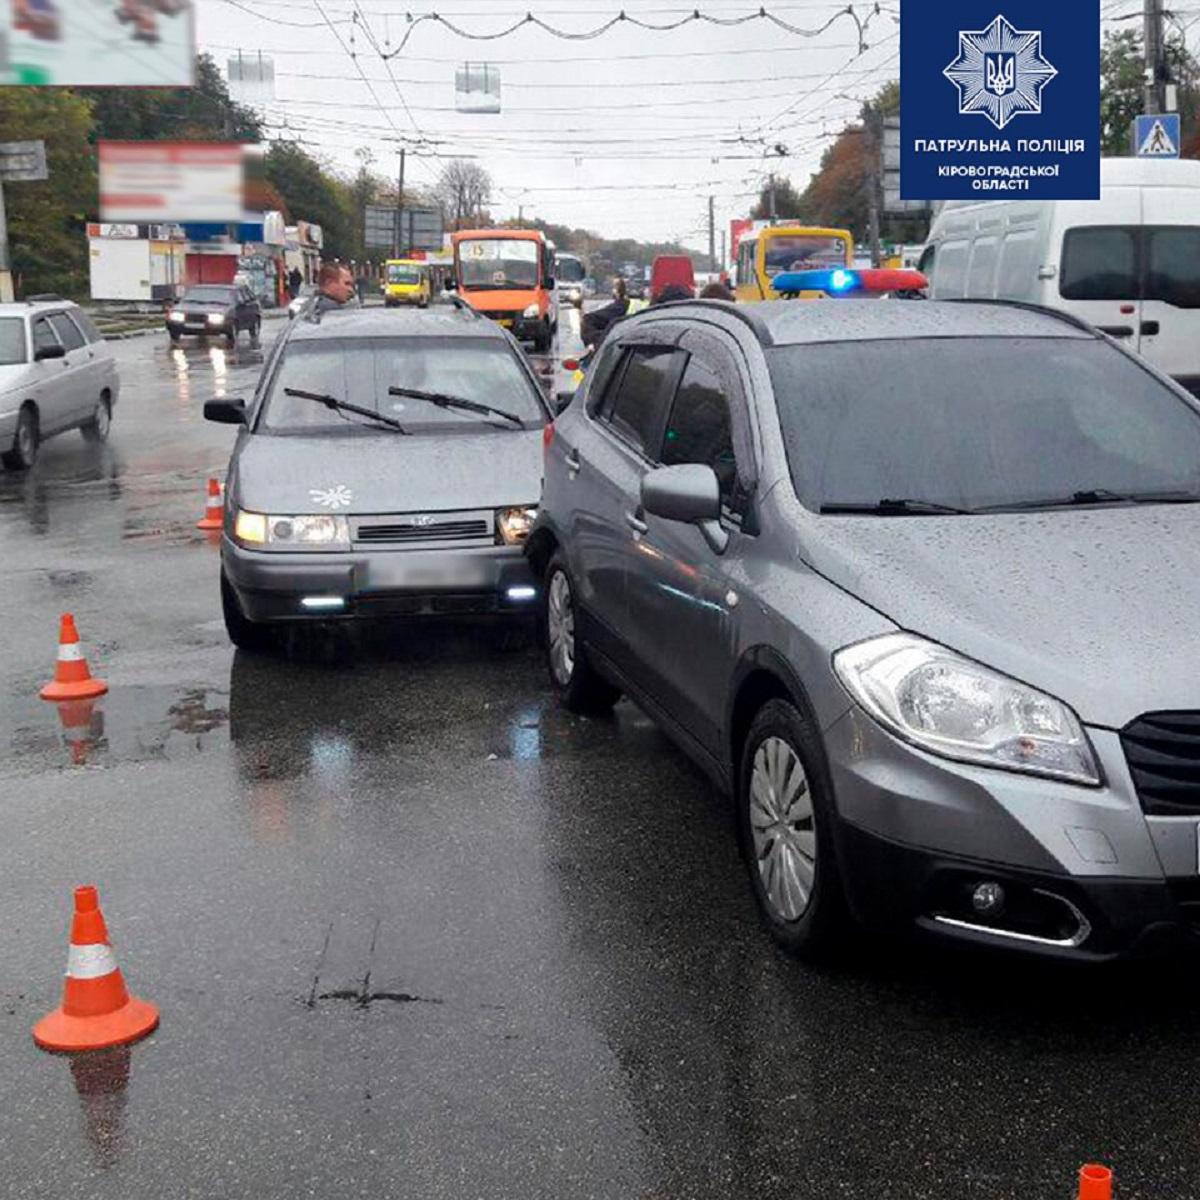 Без Купюр На одному з перехресть Кропивницького сталася ДТП За кермом  ДТП ВАЗ авто